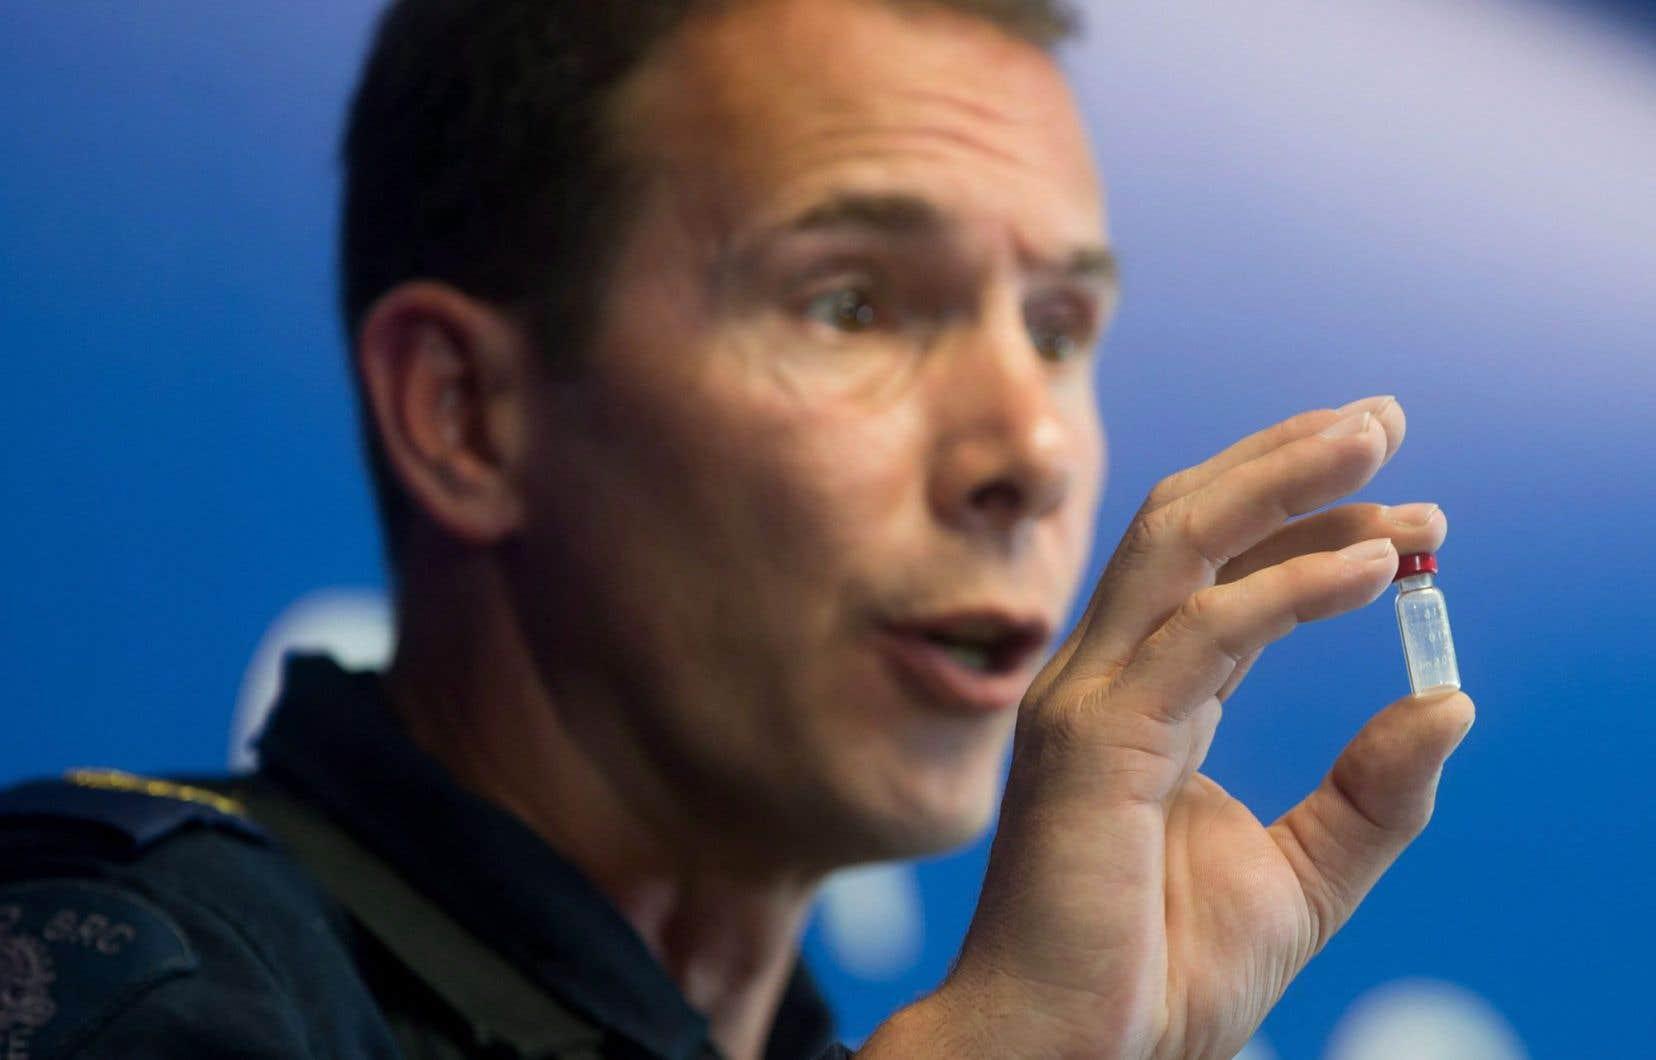 Lors d'une conférence de presse à Surrey, en Colombie-Britannique, un agent de la GRC montre une fiole contenant une dose de fentanyl, opioïde puissant, qui suffit pour tuer une personne.